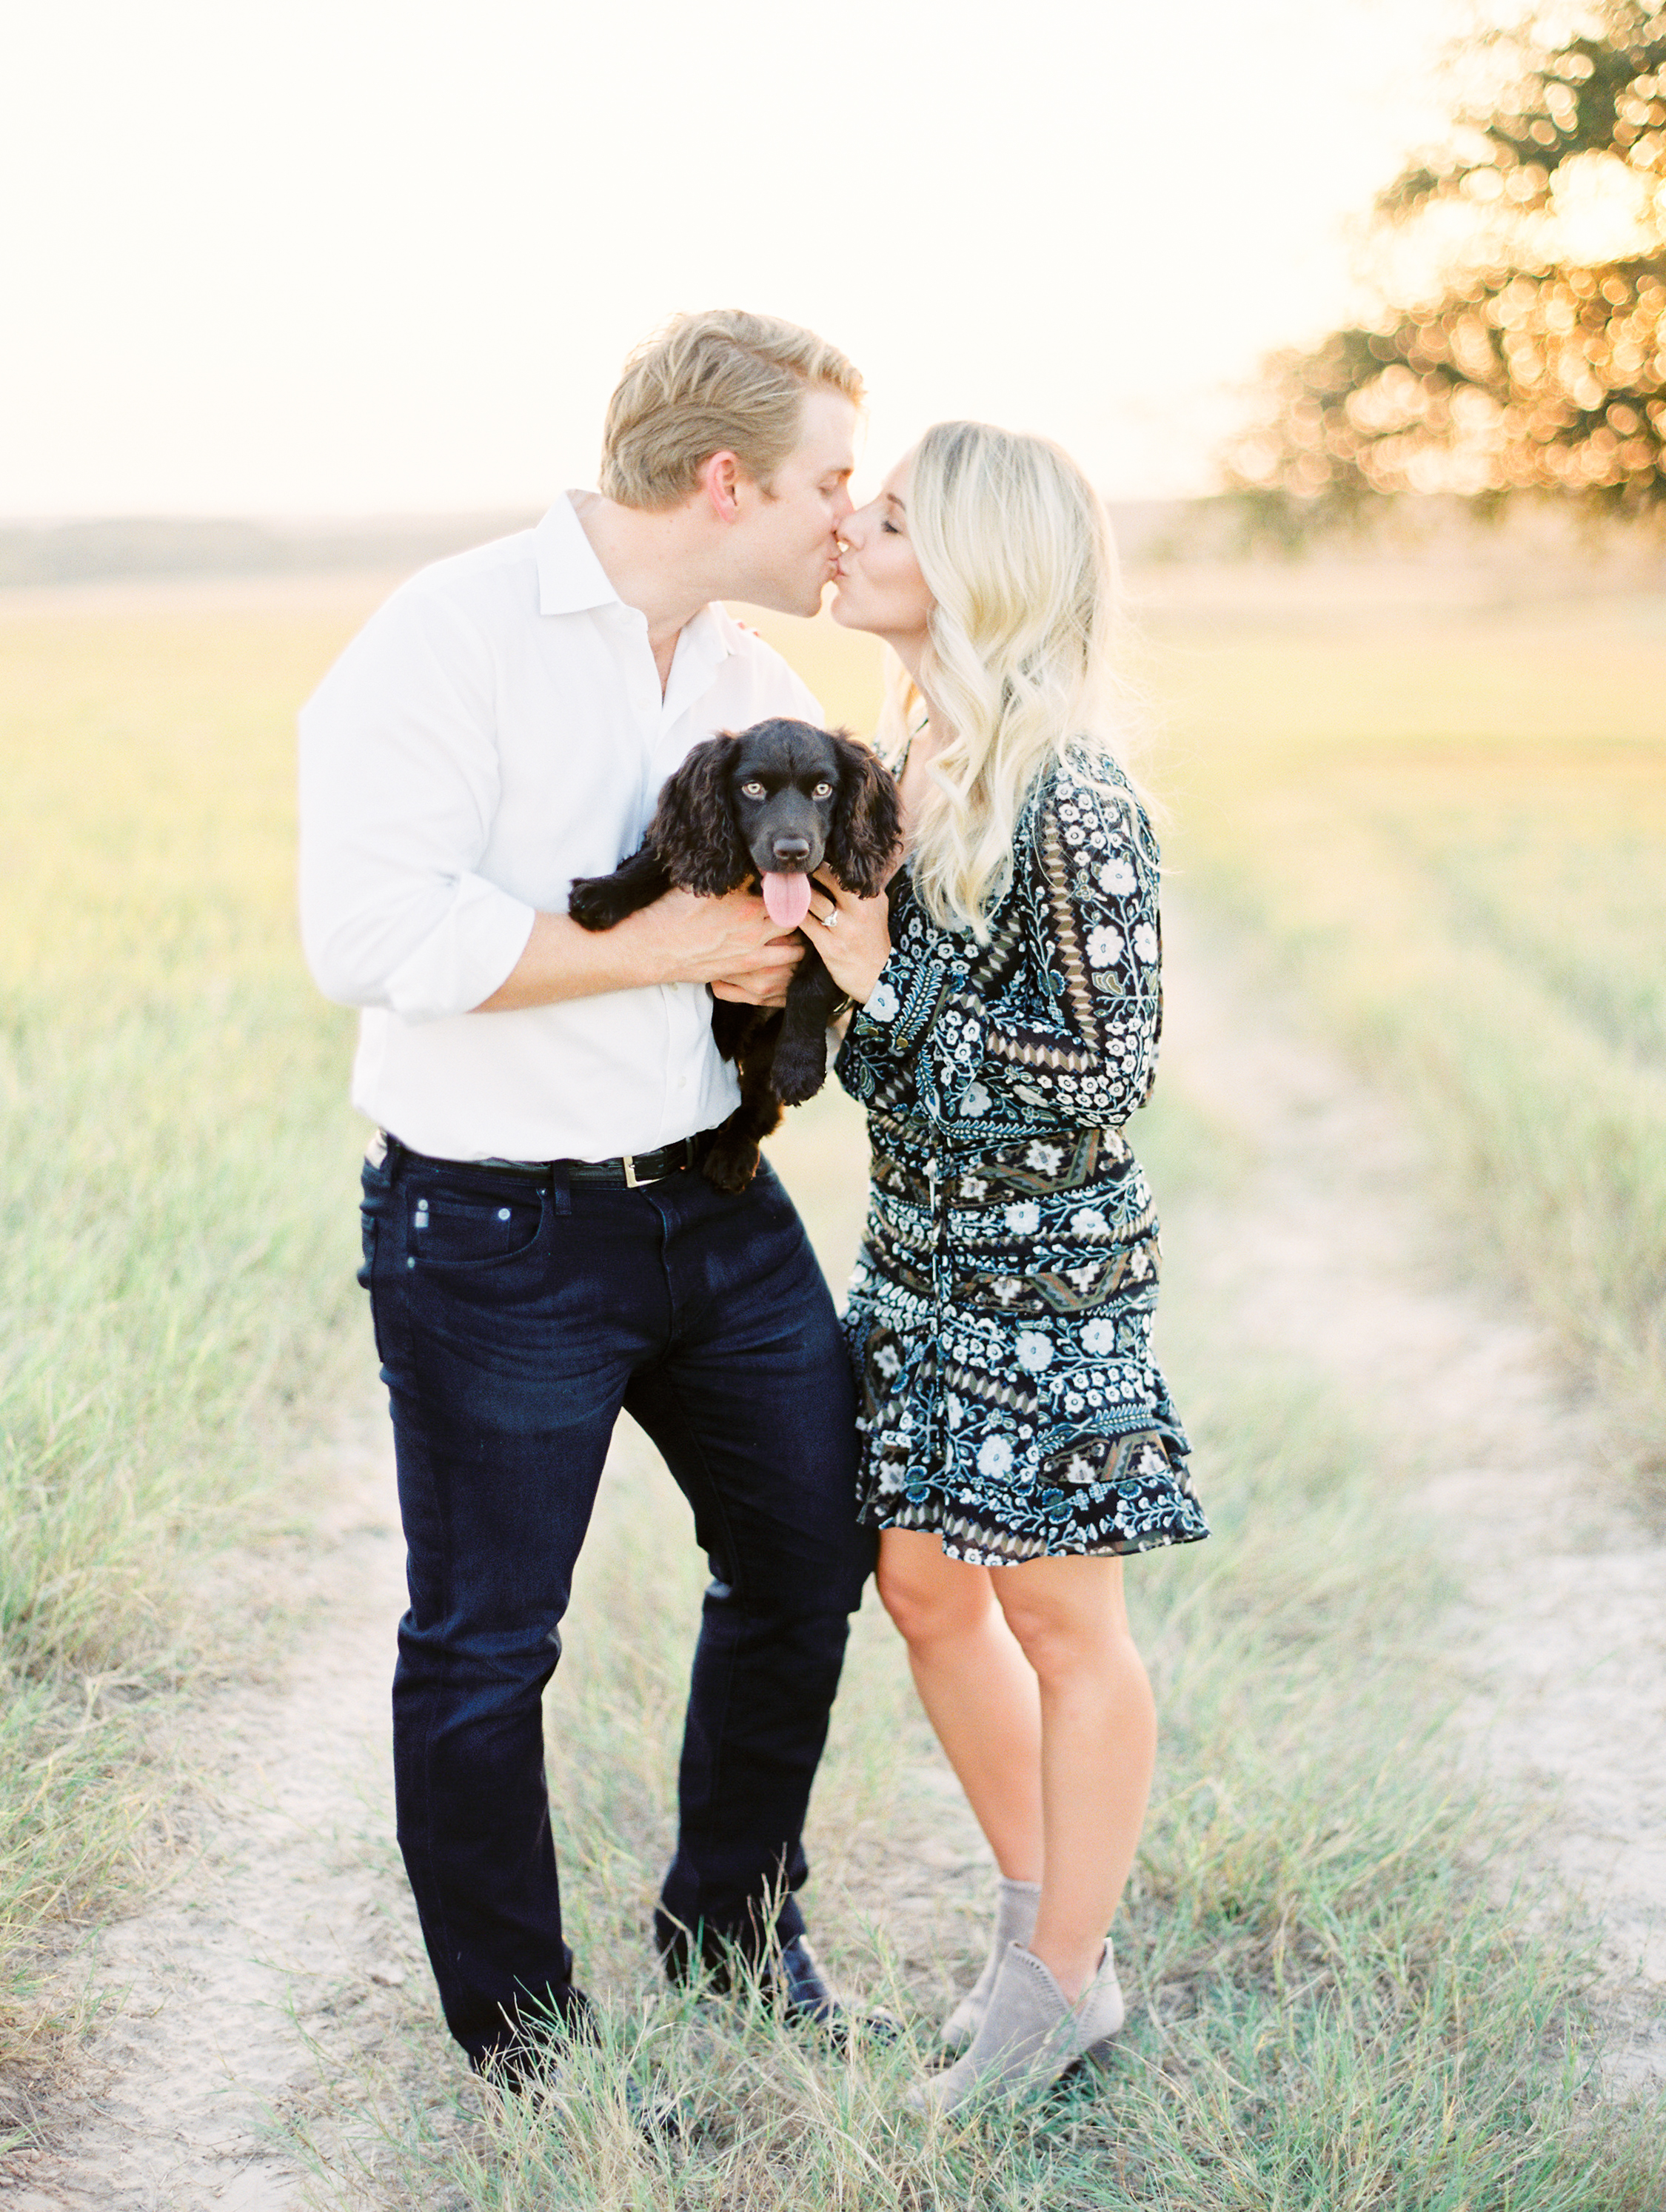 Lauren+John+Engaged+TX-37.jpg